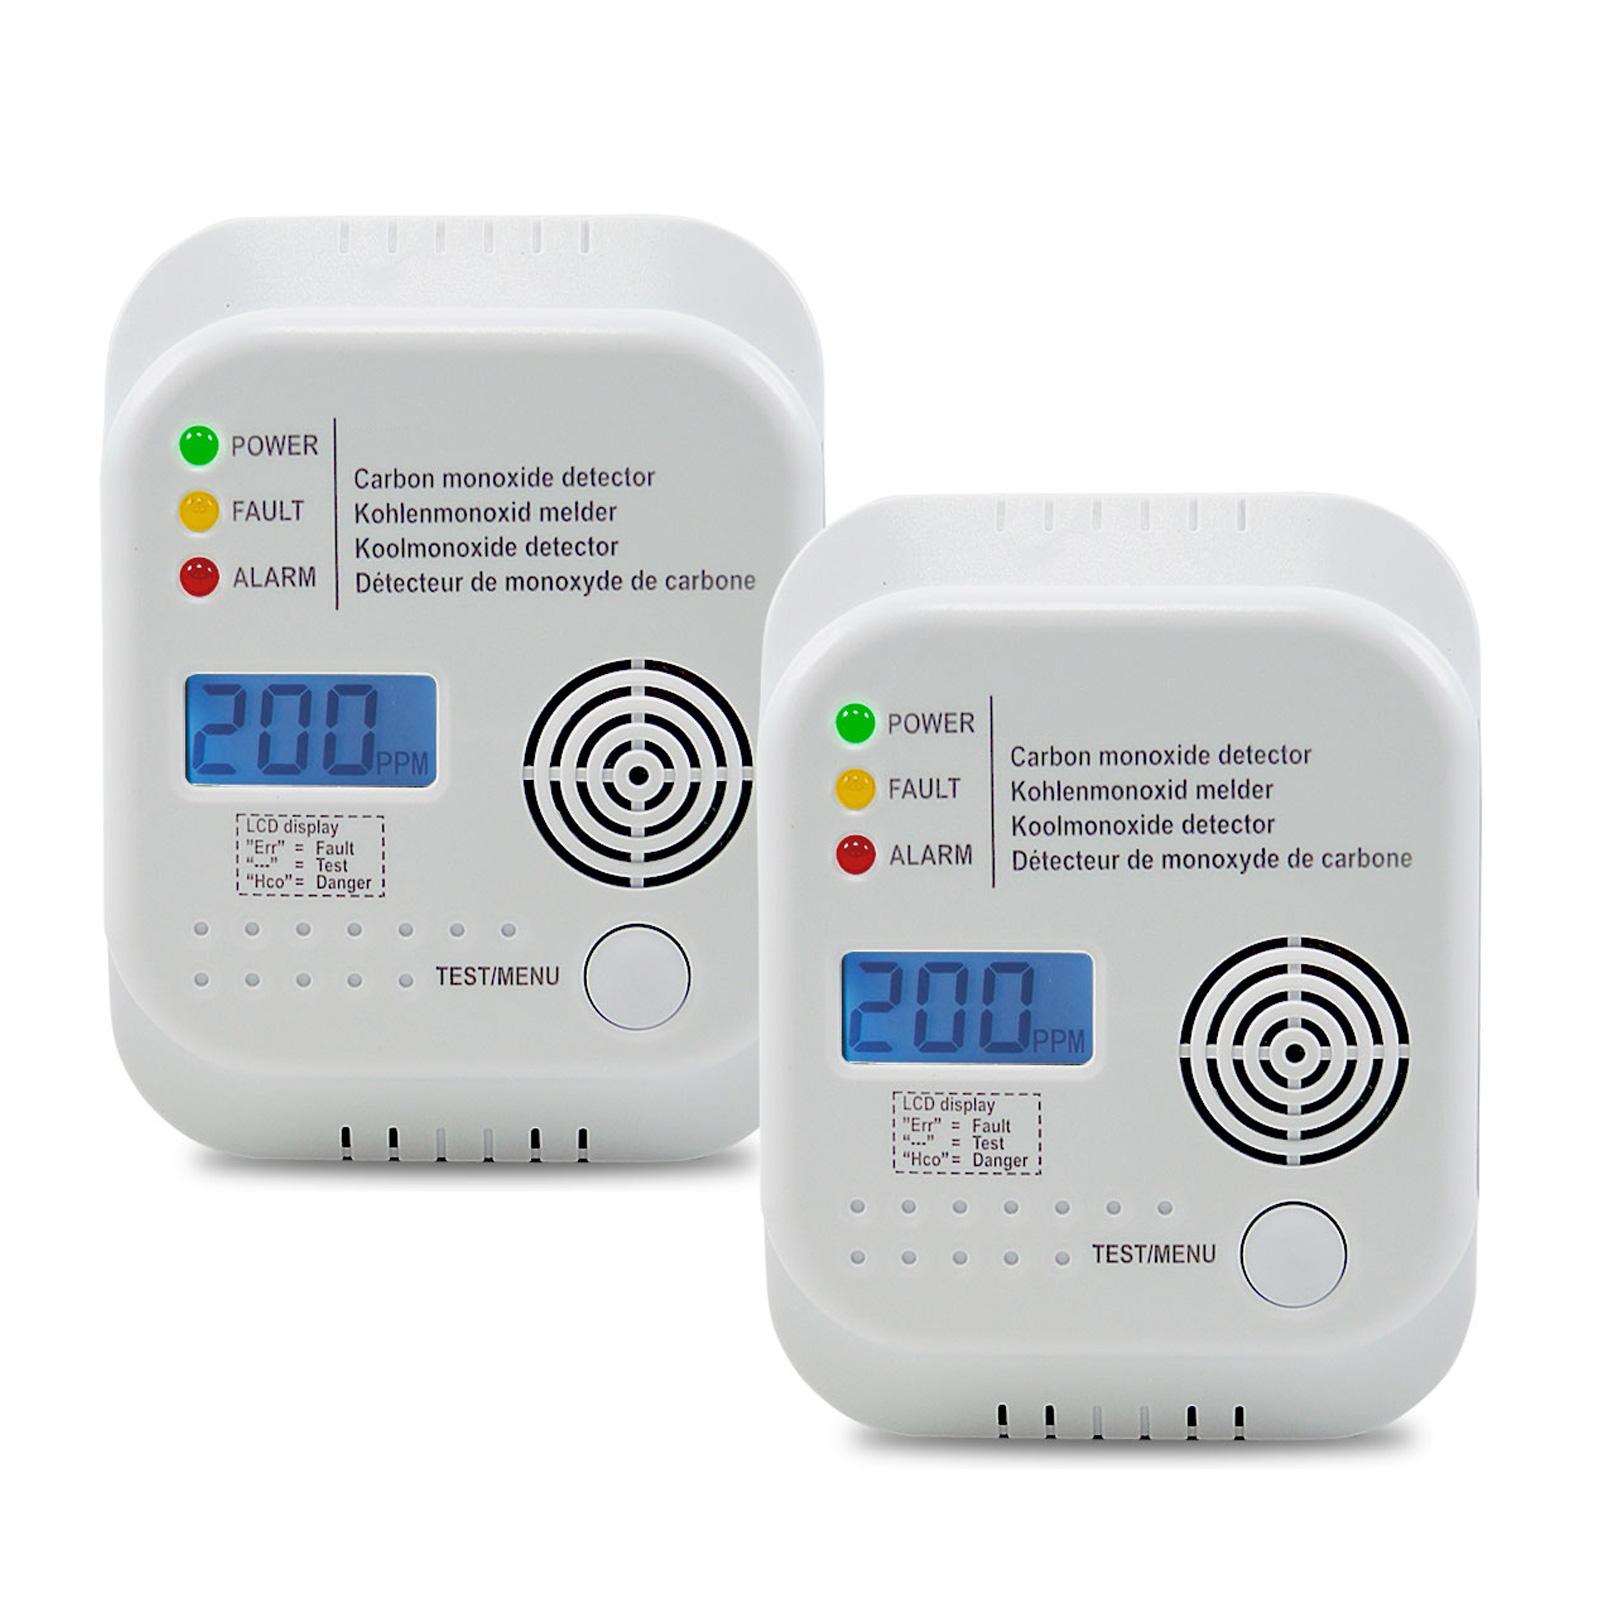 2 x Gasmelder für Kohlenmonoxid inkl. 3x AA Batterien